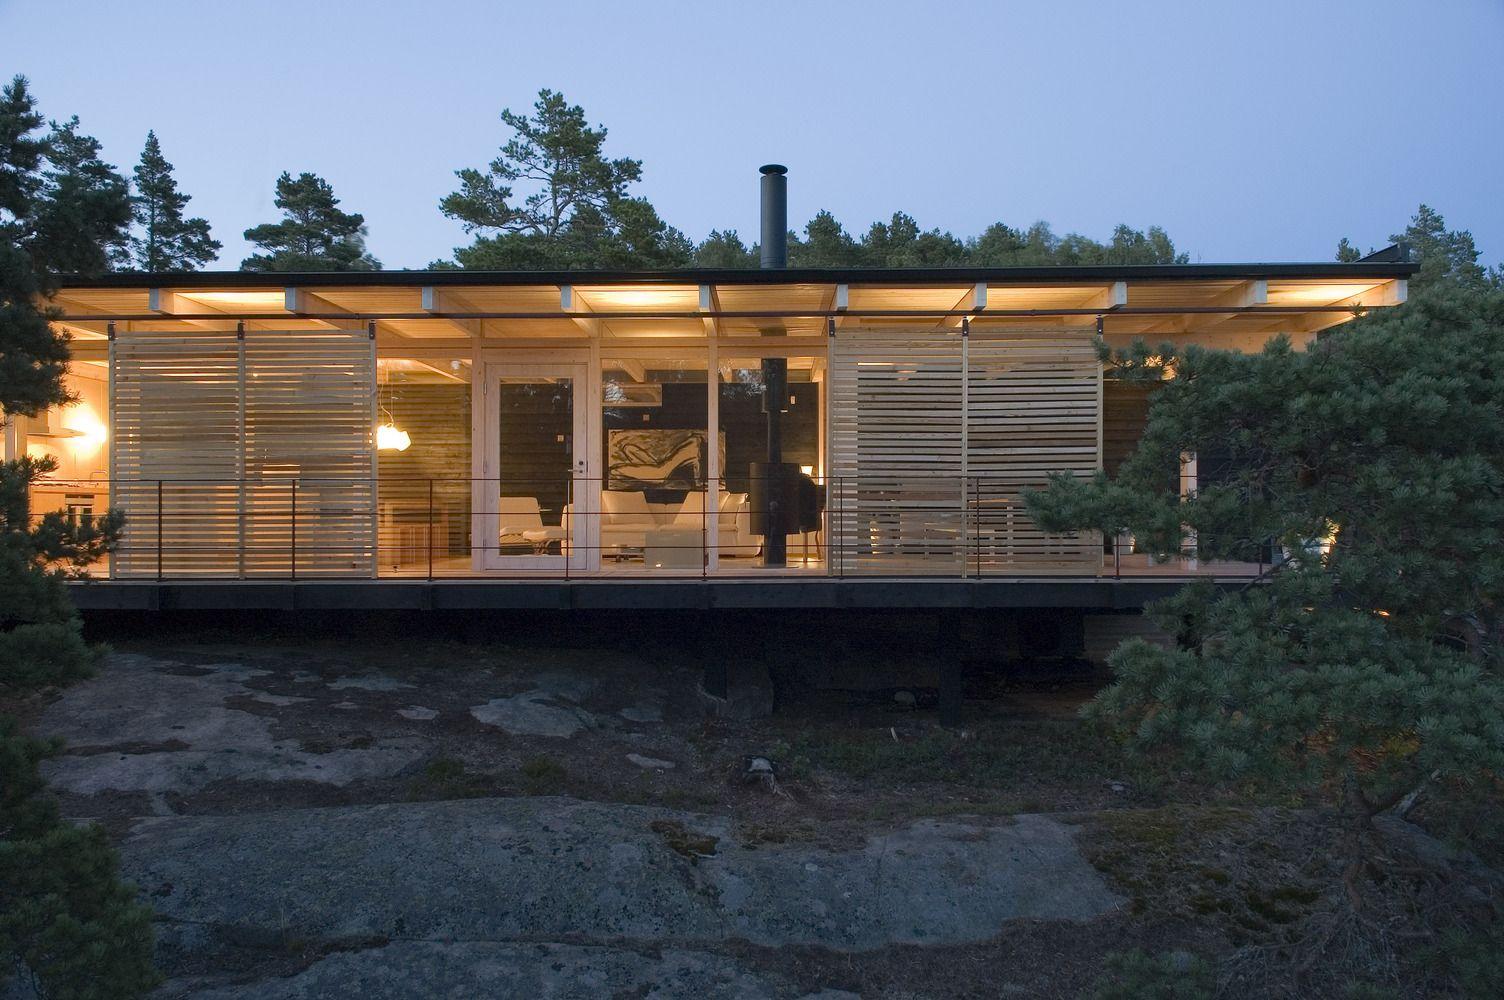 Galeria De Cabana Costera Sigge Arkkitehdit Oy 19 Estructuras De Madera Cabanas Junto Al Mar Casas Contenedores